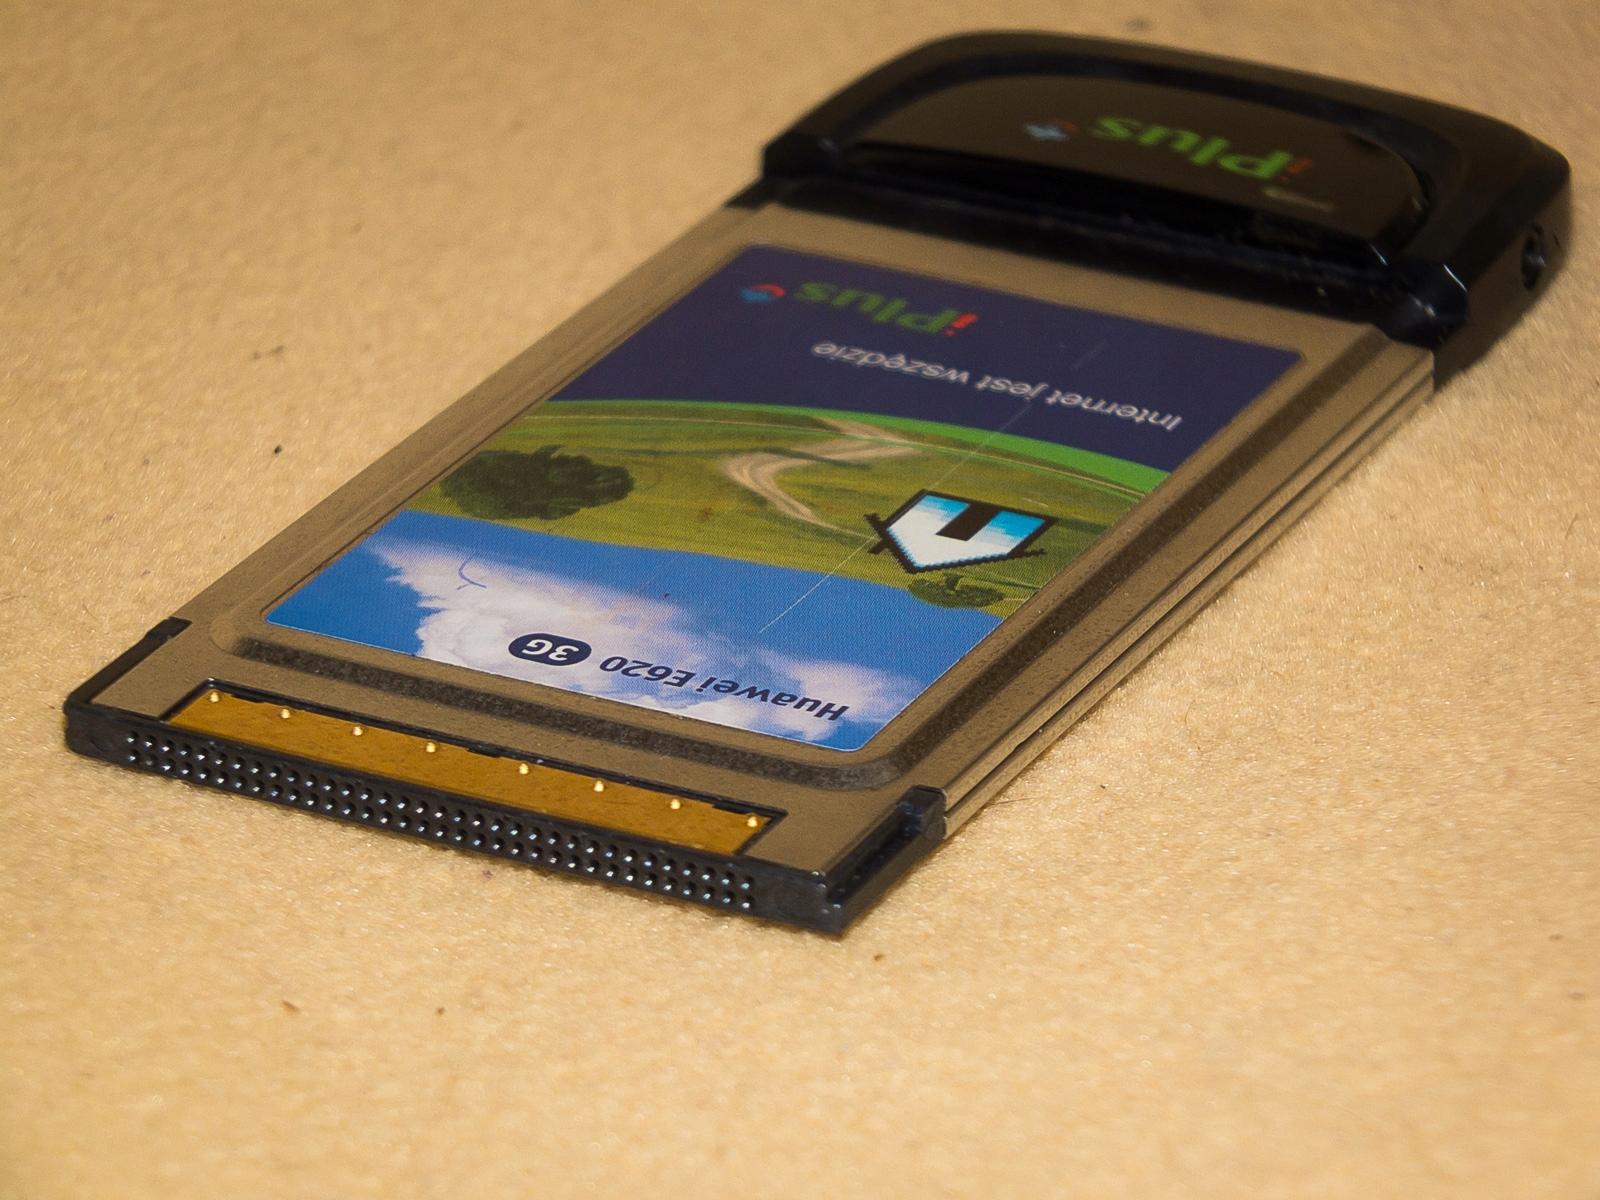 Huawei E620 modem 3G